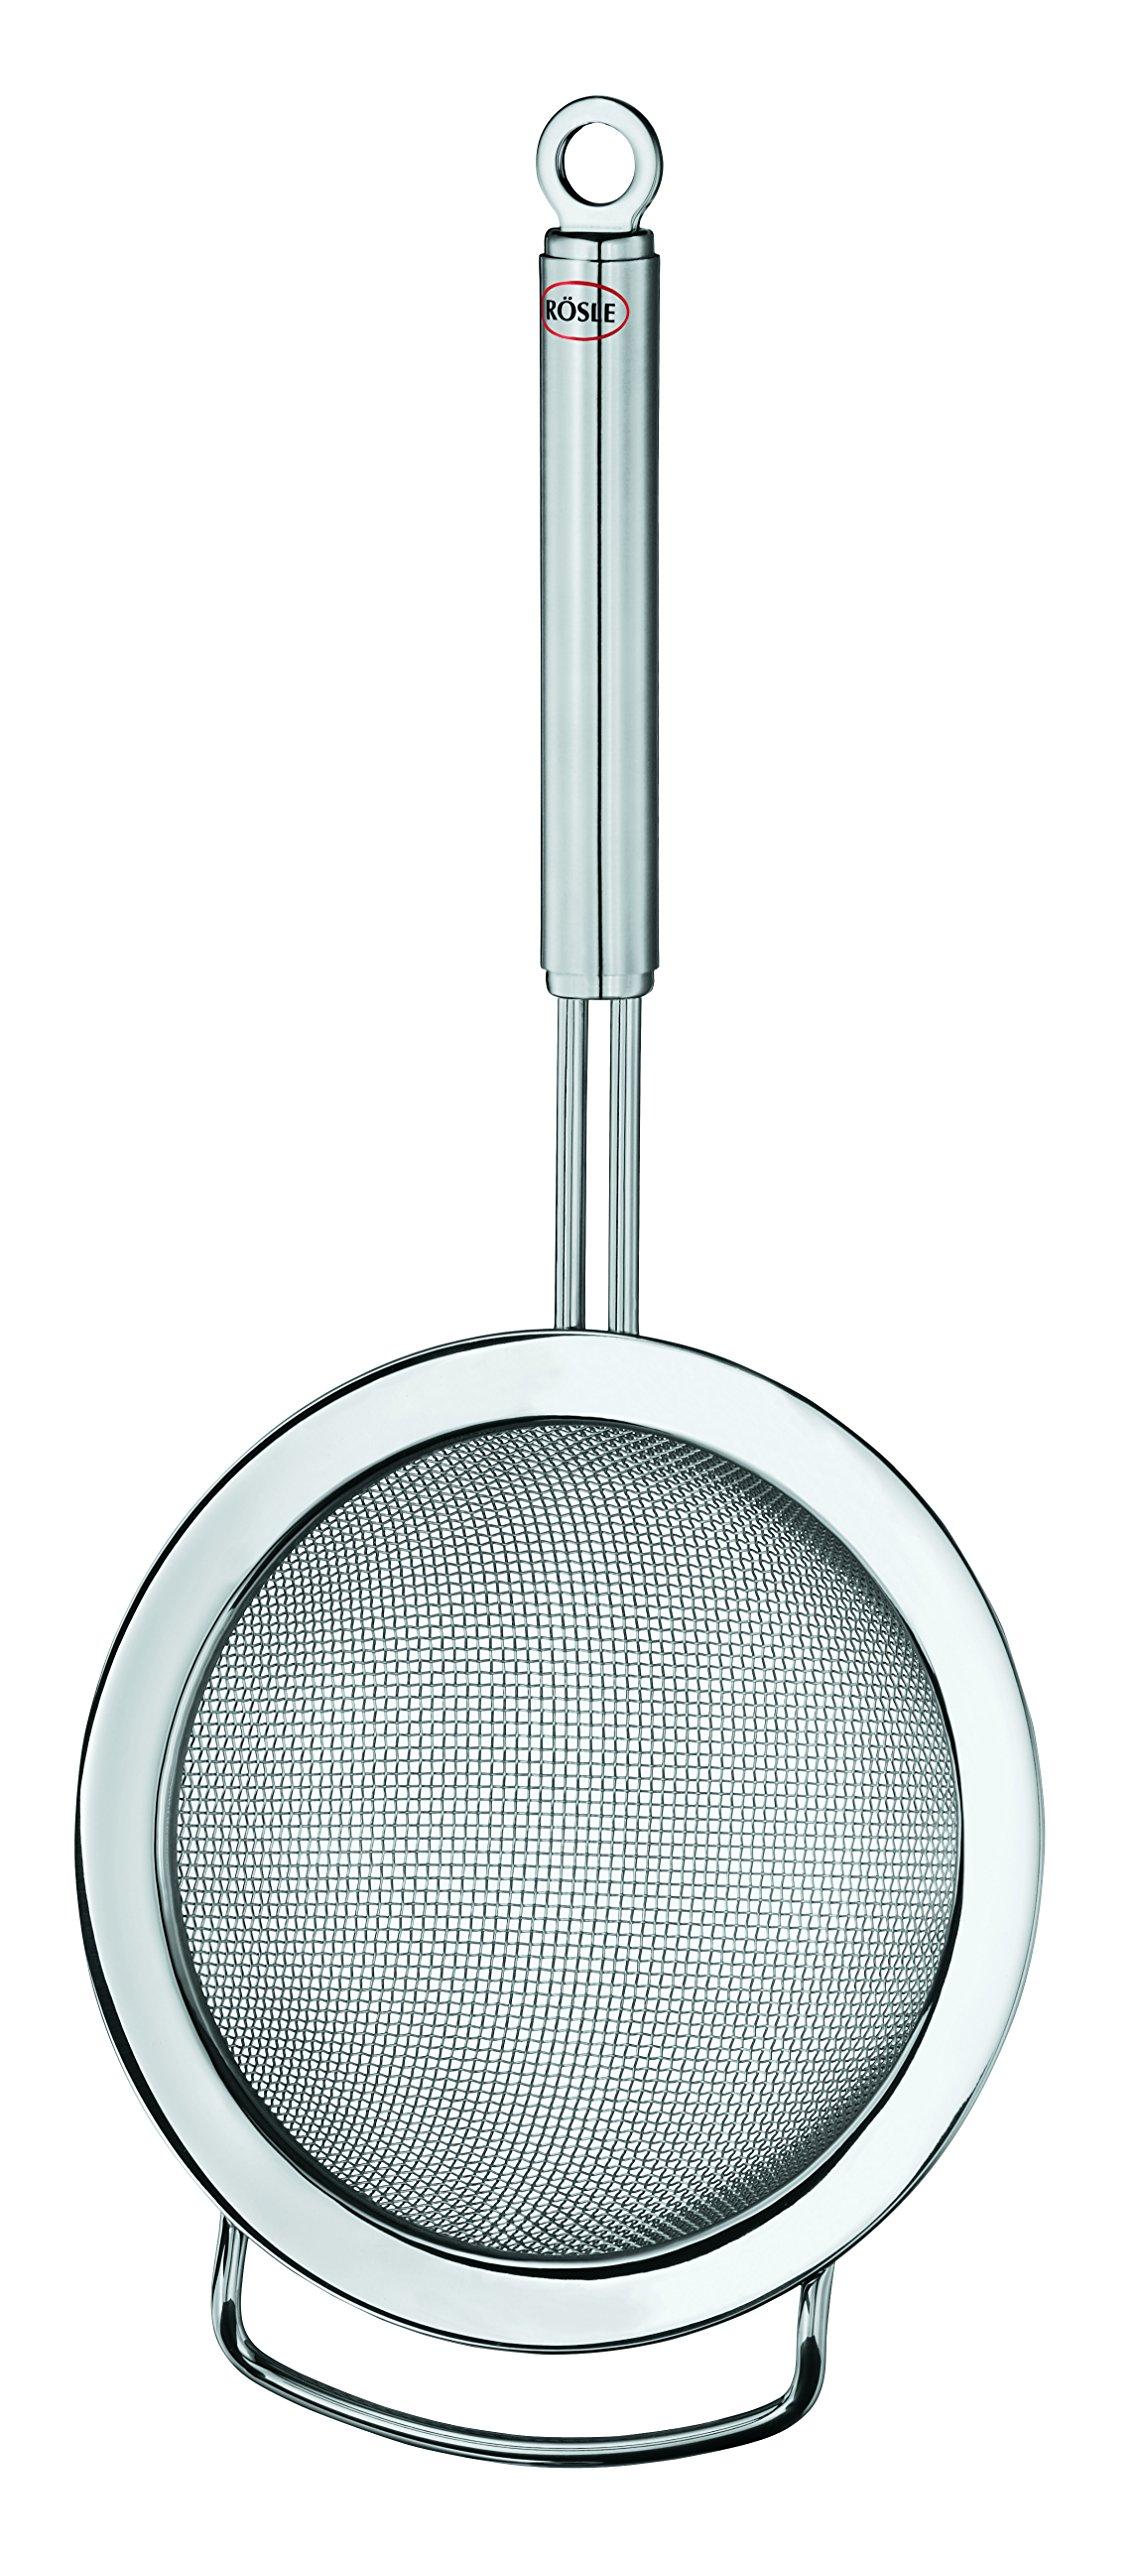 Rösle Stainless Steel Round Handle Kitchen Strainer, Coarse Mesh, 7.9-inch